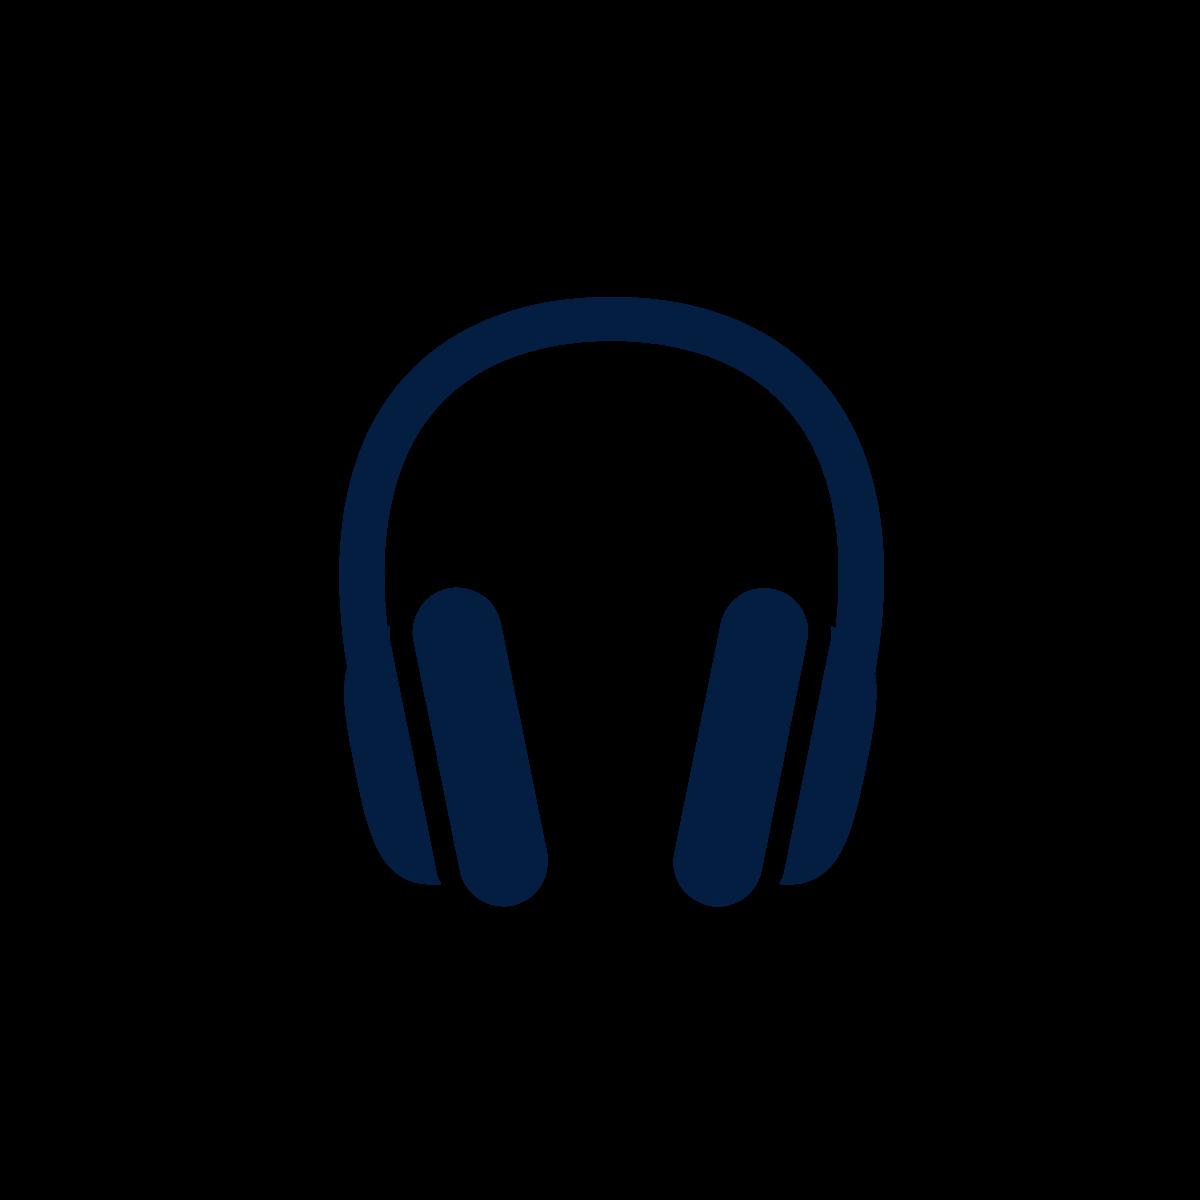 noun_Headphones_1156240.png